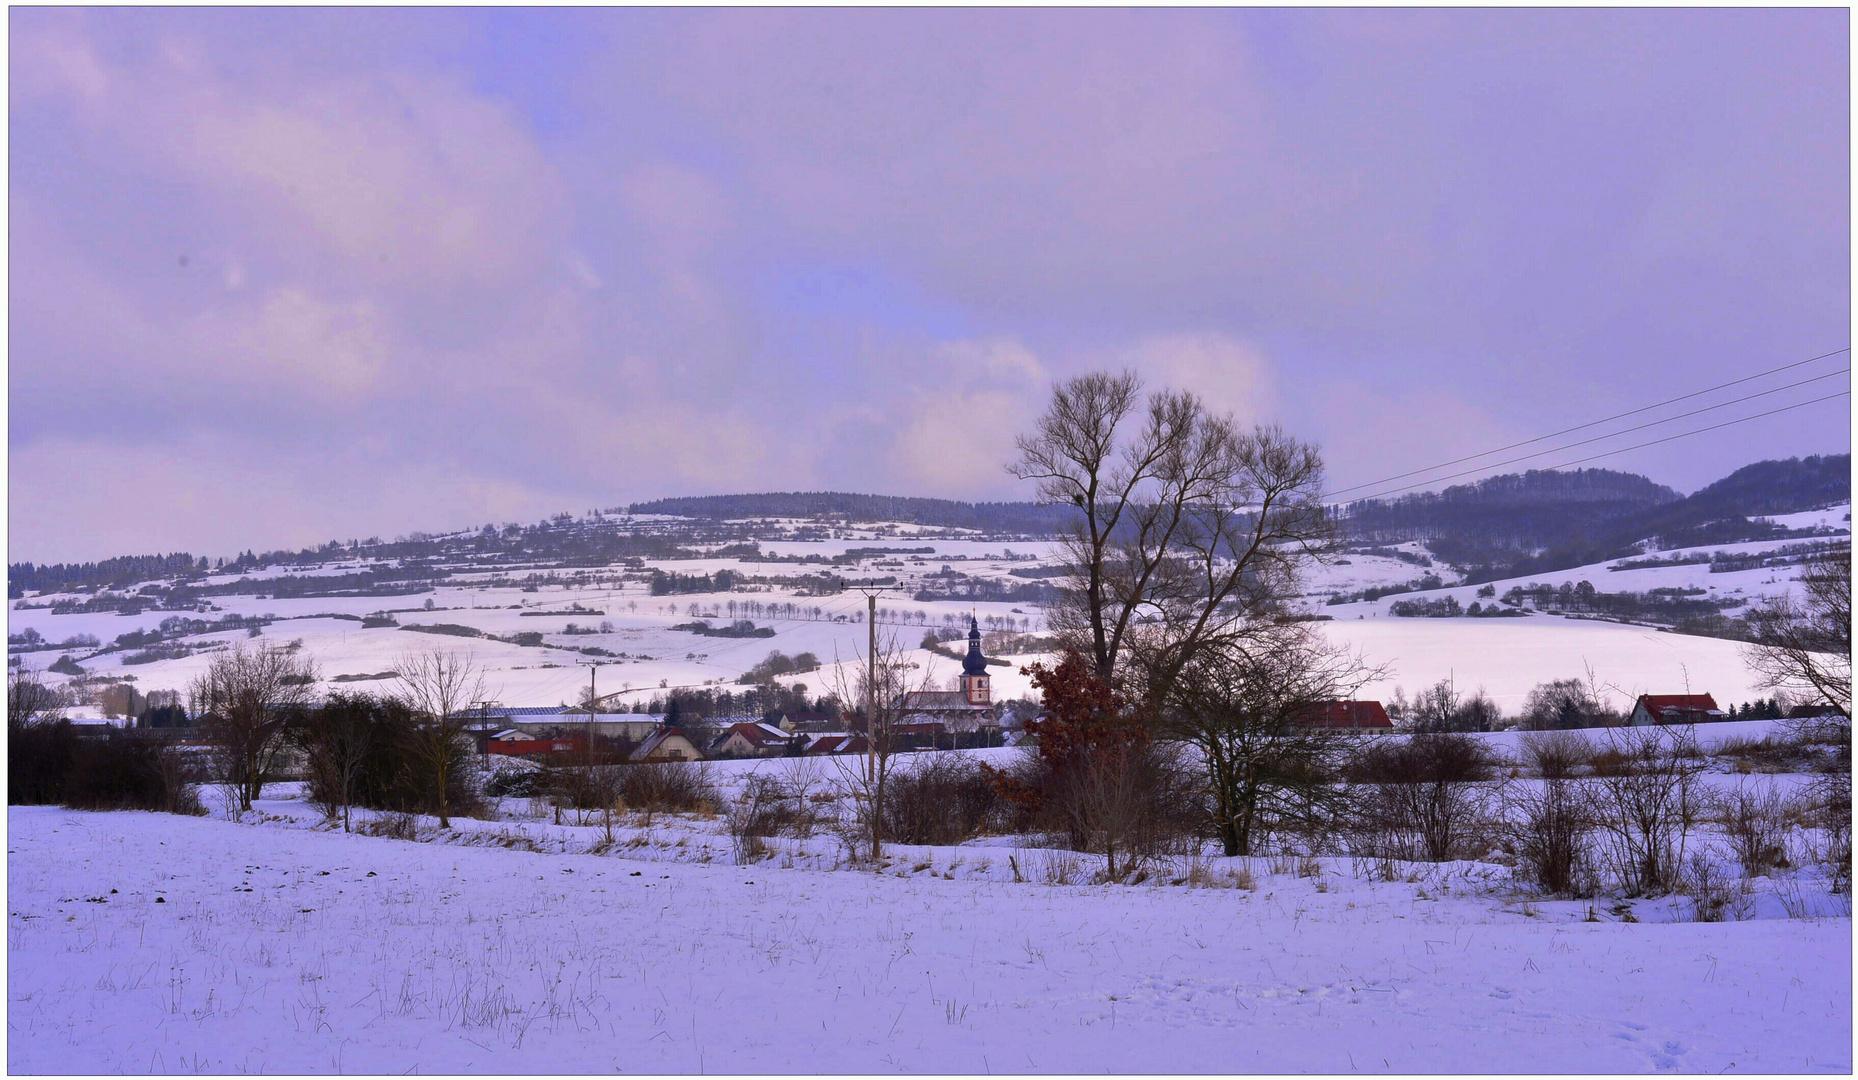 Winterzeit II (época invernal II)